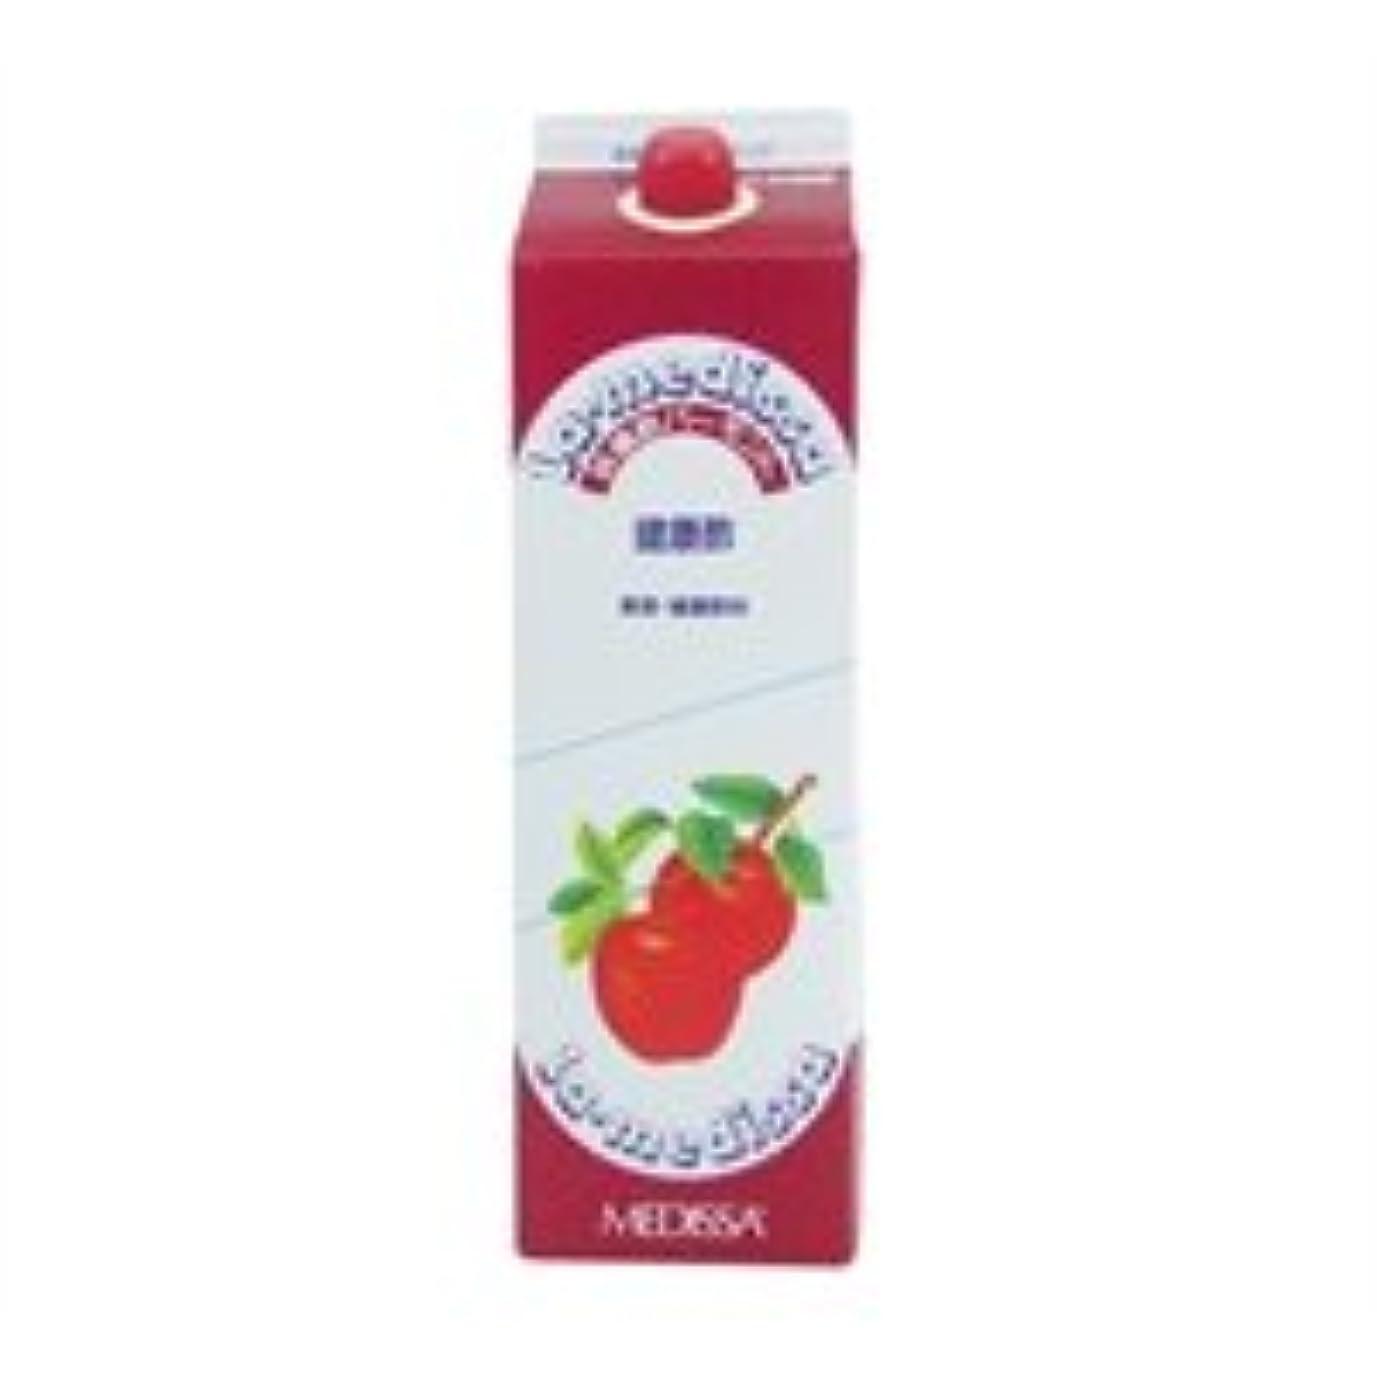 最終的にパトワはぁラ?メデッサ リンゴ酢バーモント 1.8L